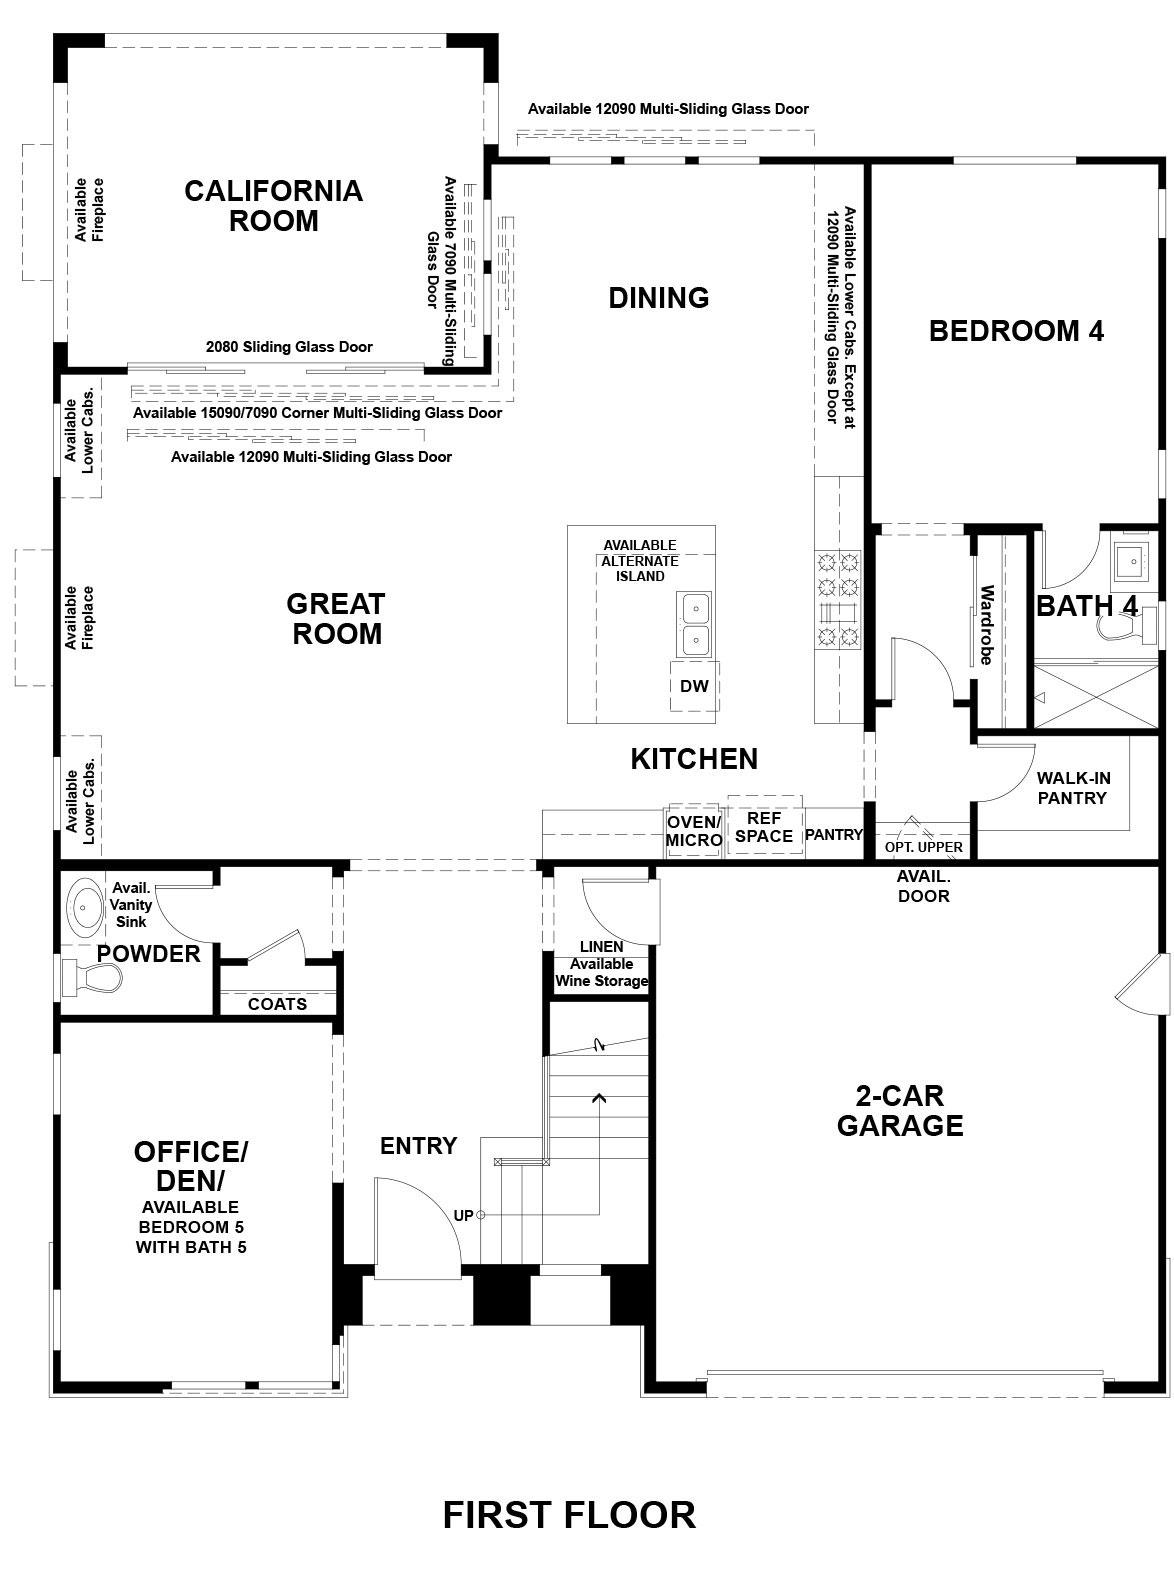 Ridgepointe floor plan - Residence 1, floor 1